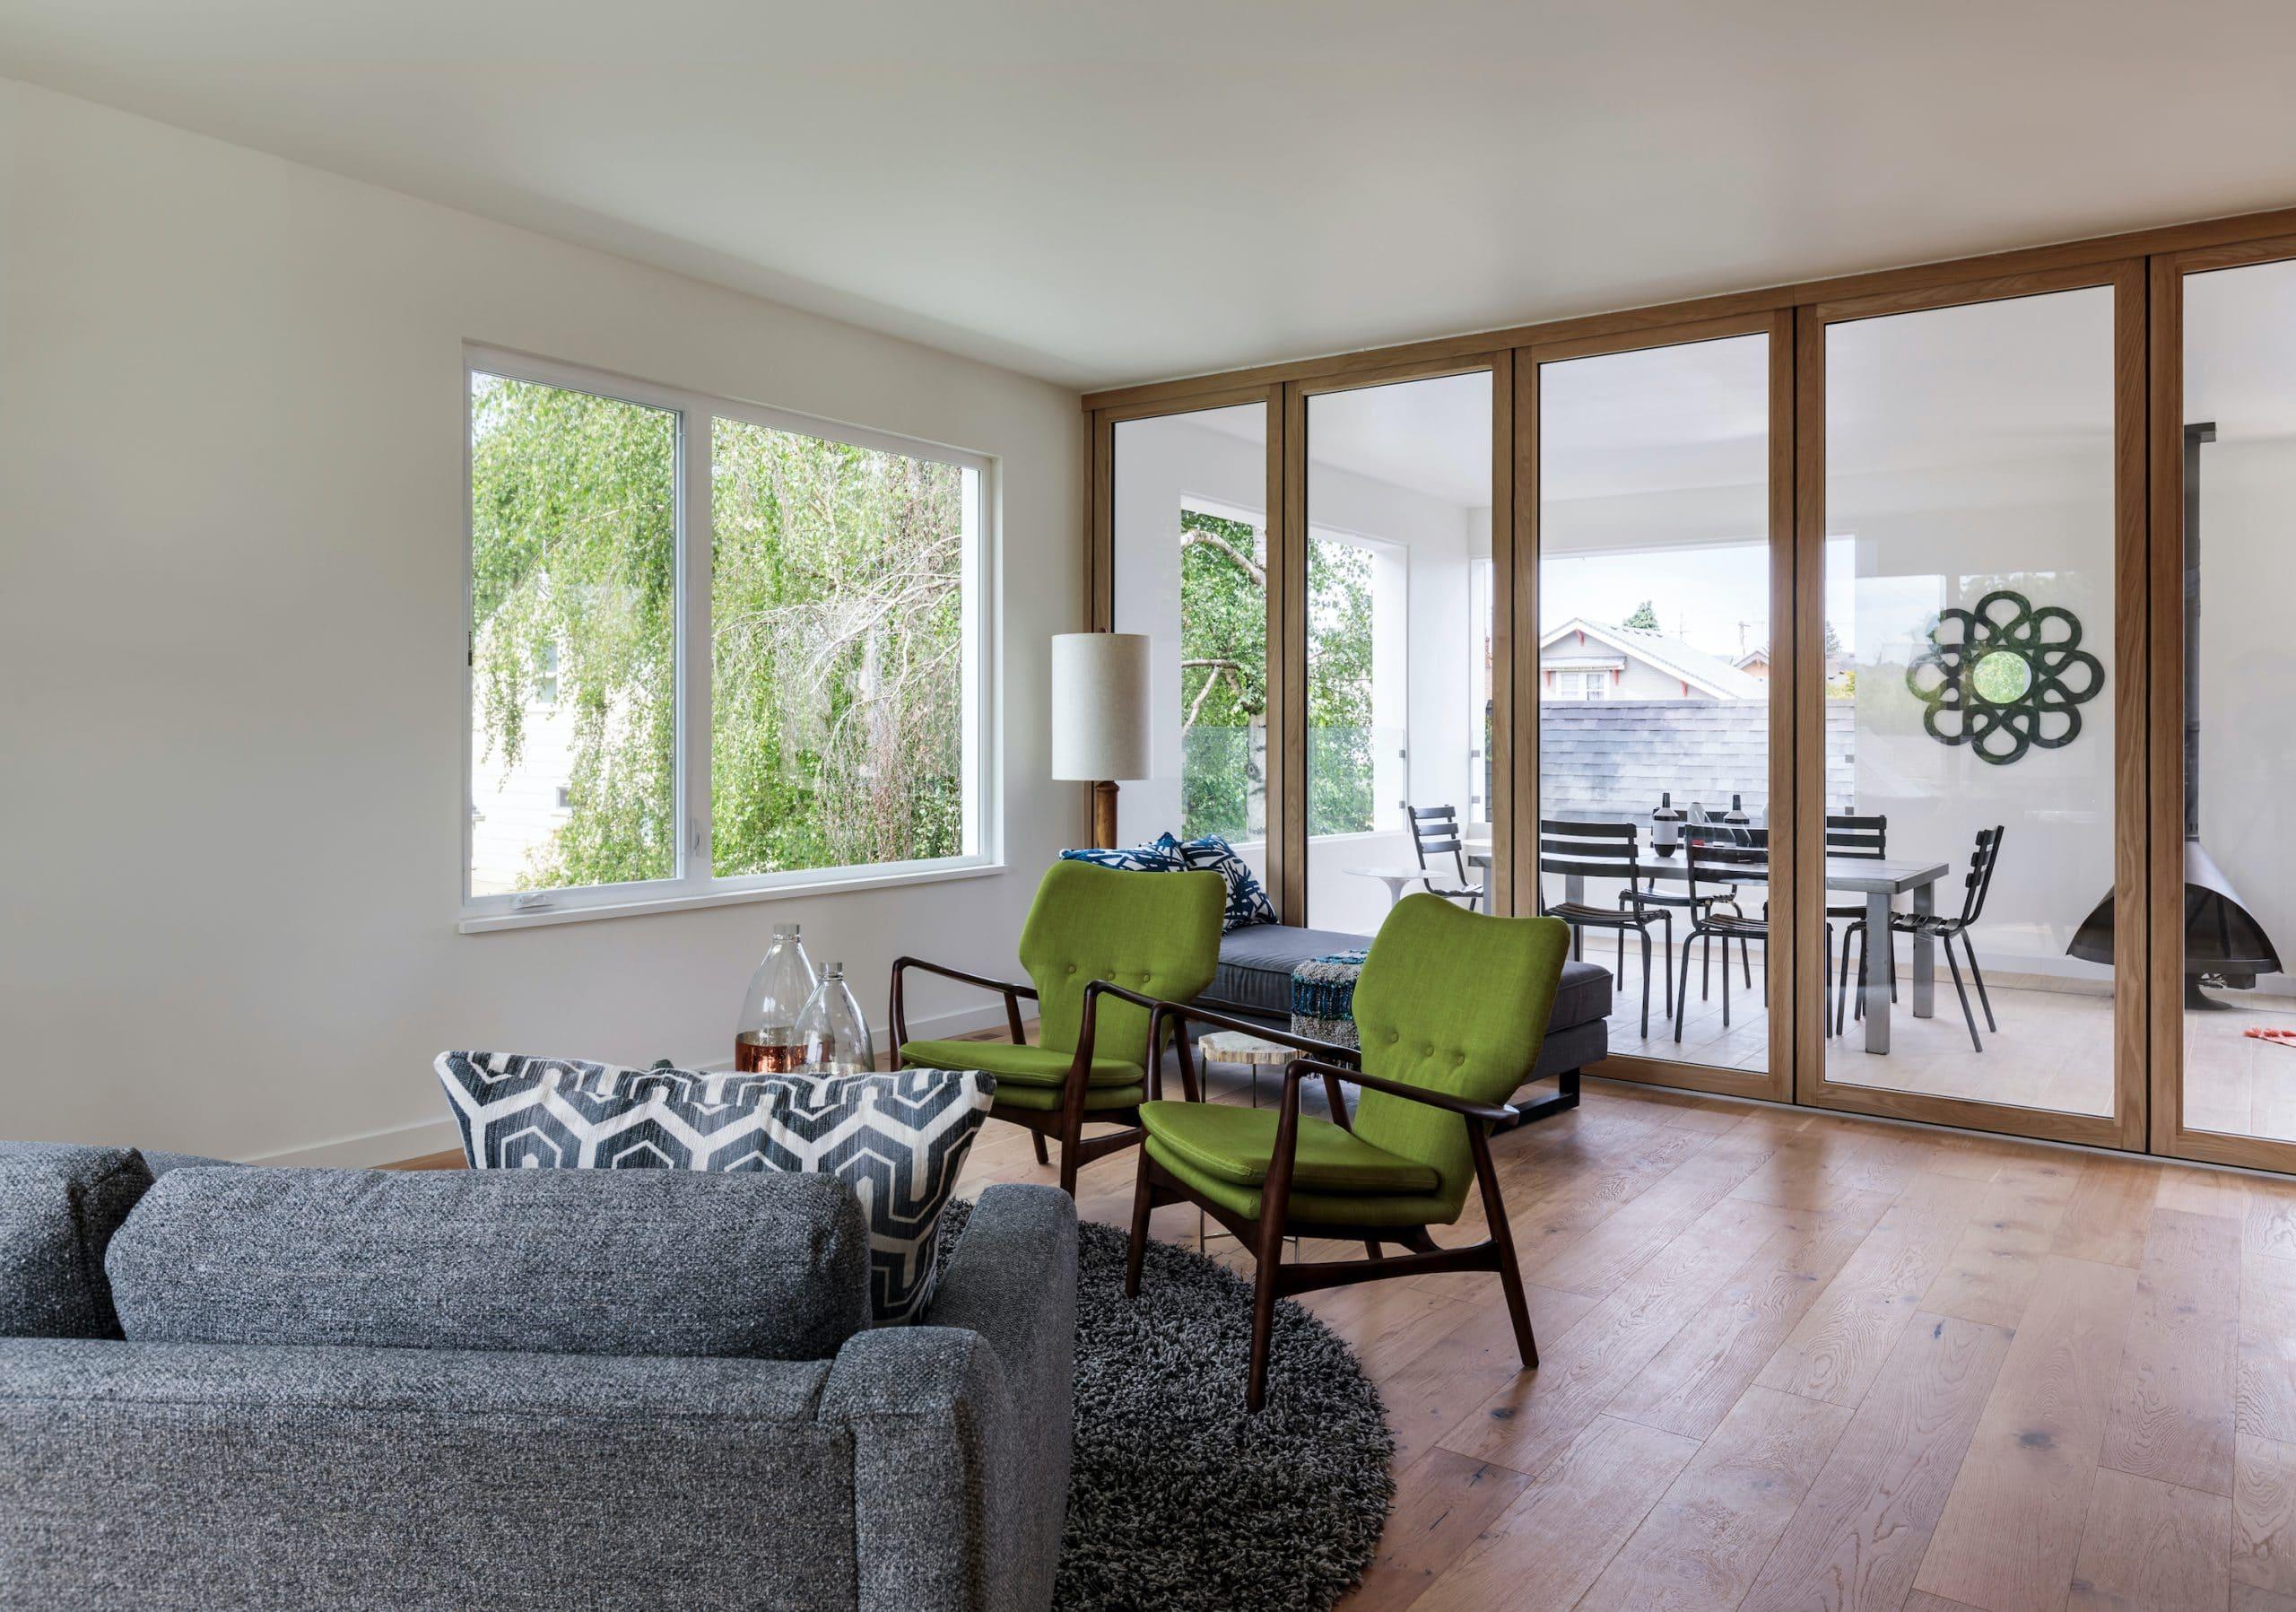 Dutemann doors and windows in a modern new house